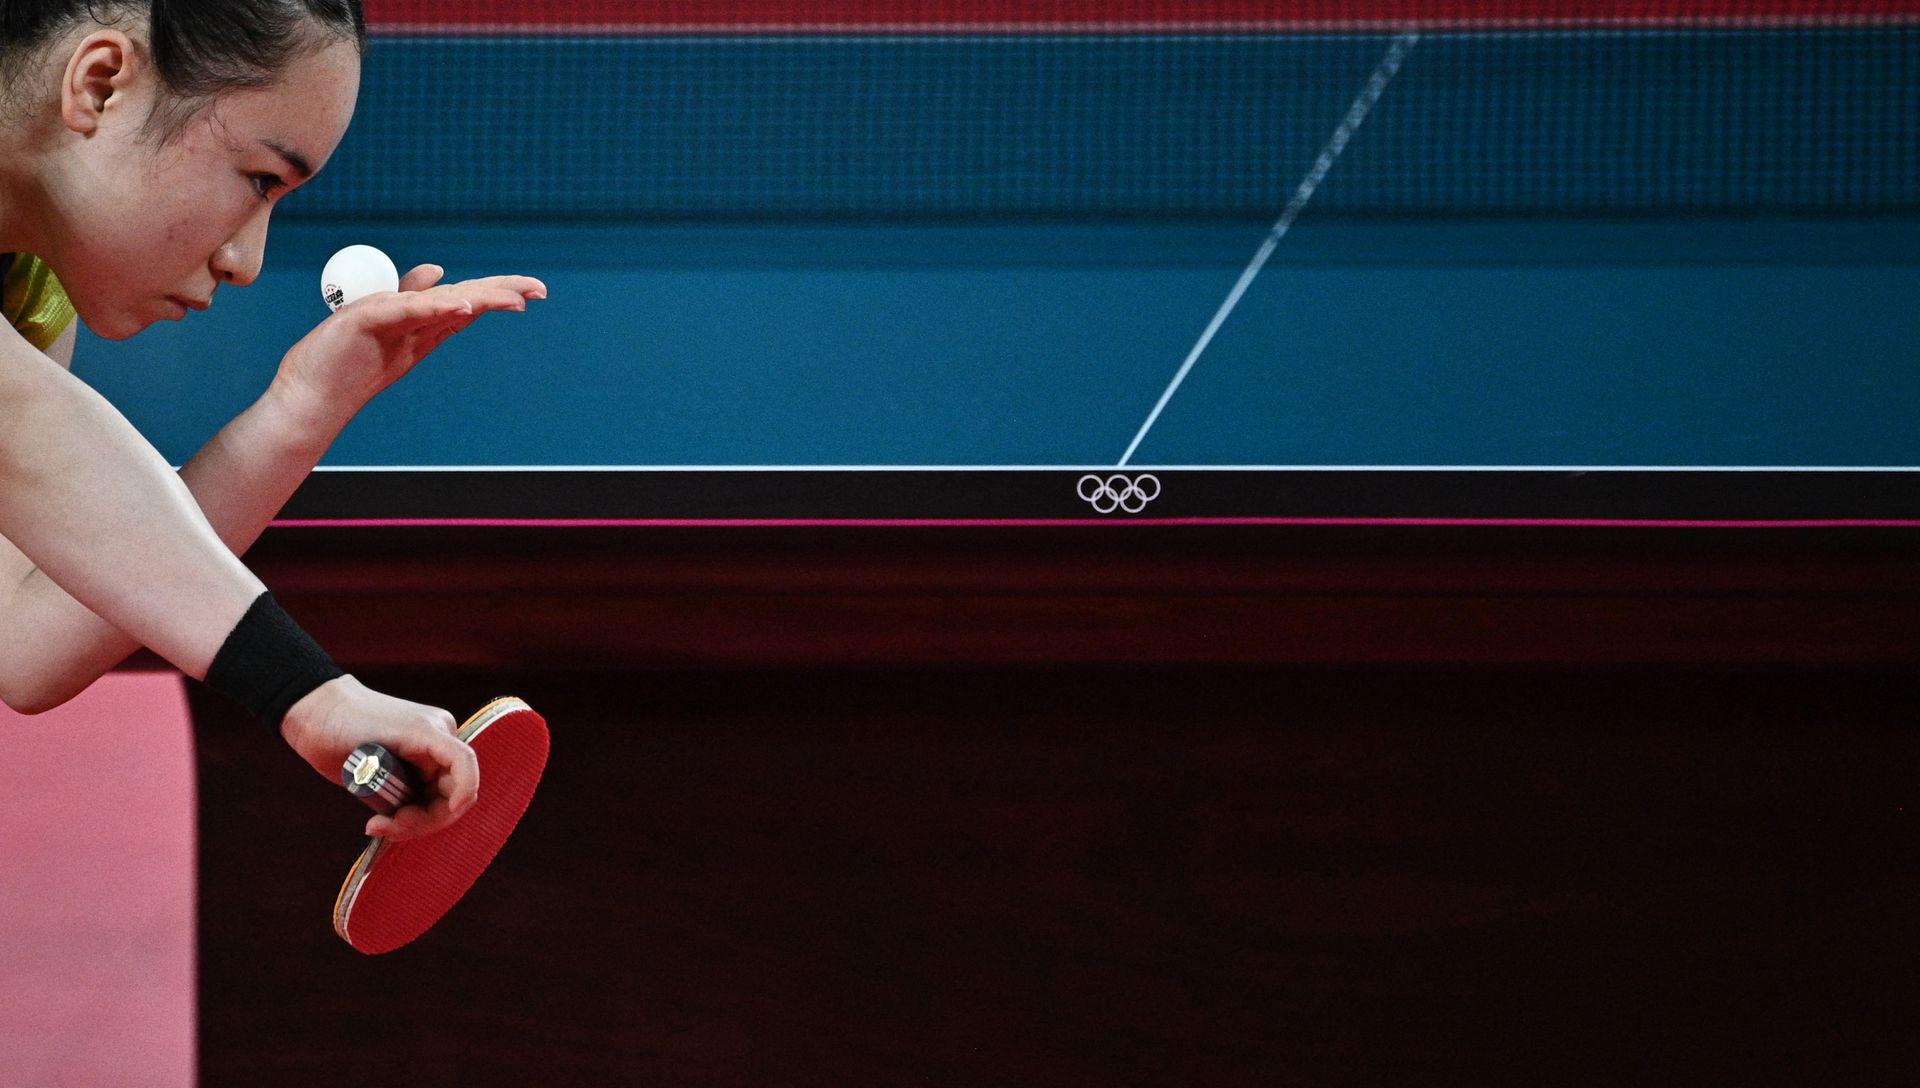 Mima Ito de Japón sirve a Sun Yingsha de China durante su partido de tenis de mesa de semifinales individuales femeninos